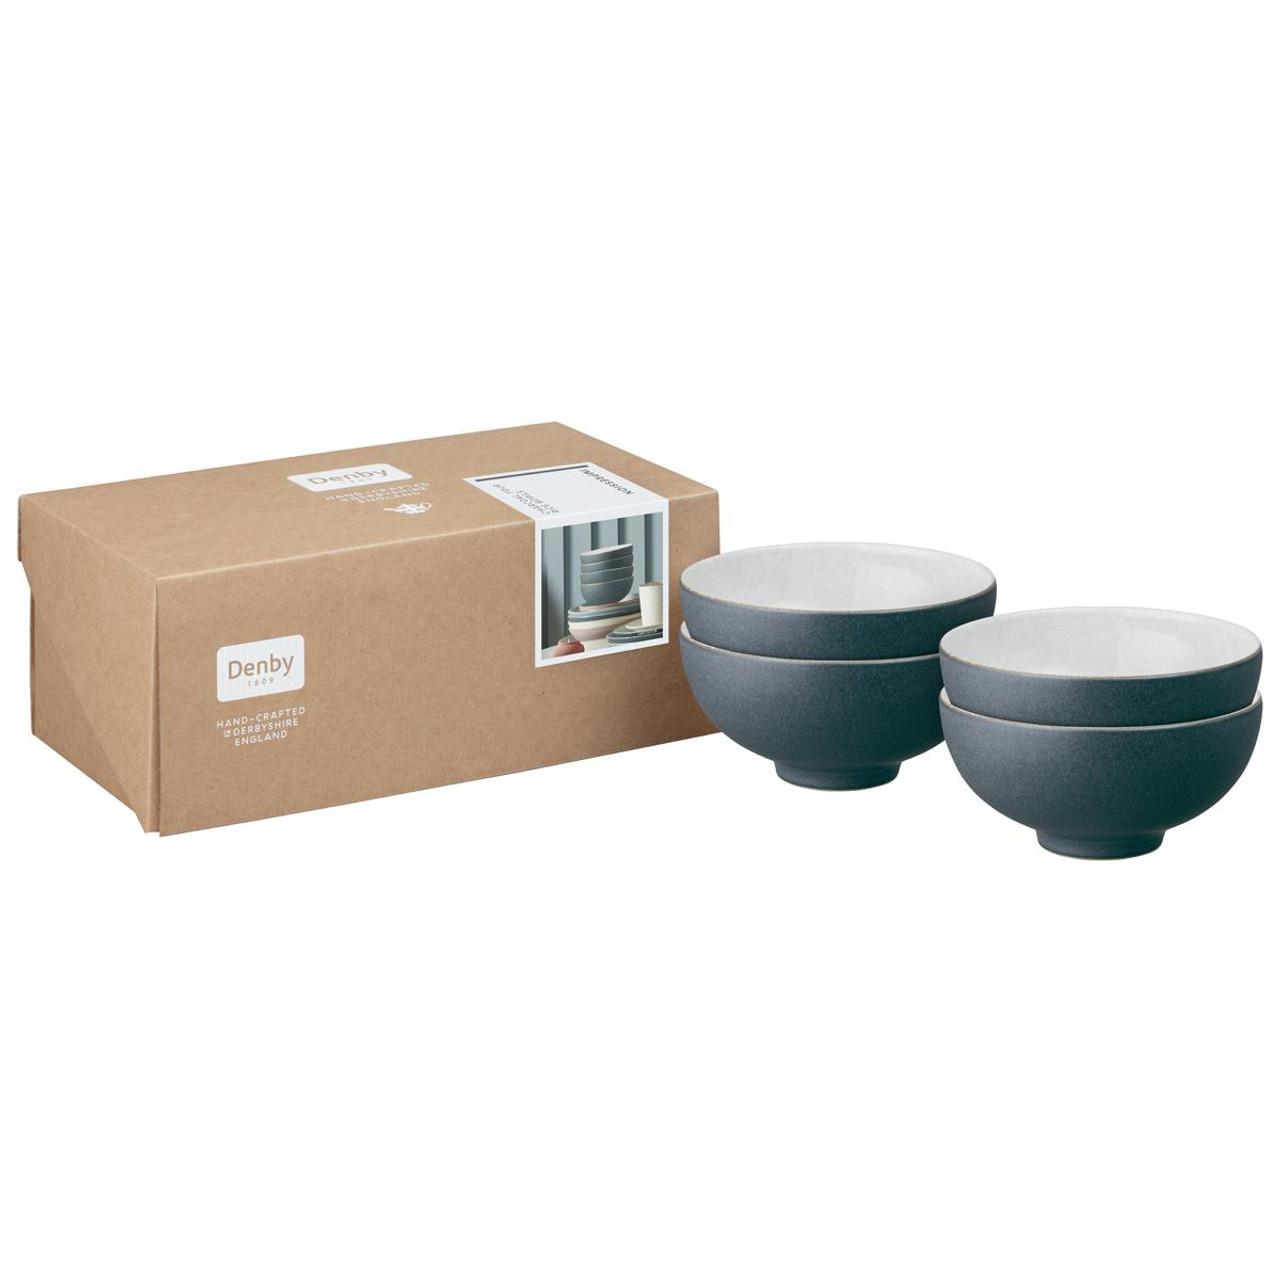 Denby Impression Charcoal Set Of 4 Rice Bowls